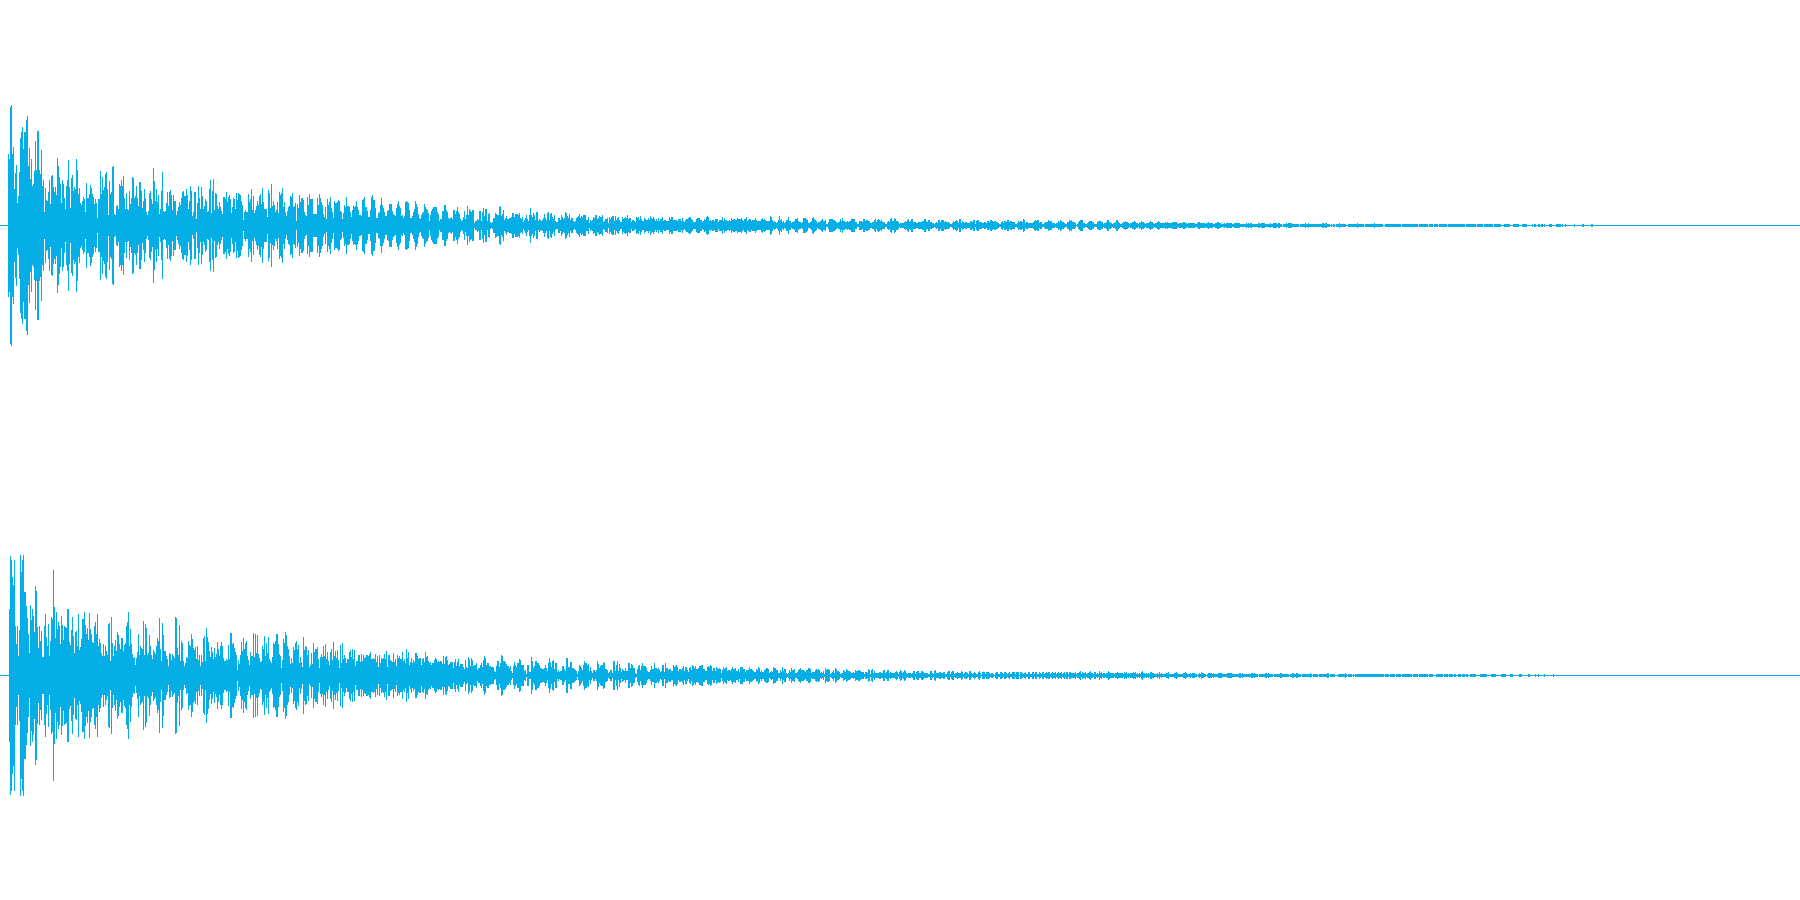 【衝撃02-1】の再生済みの波形